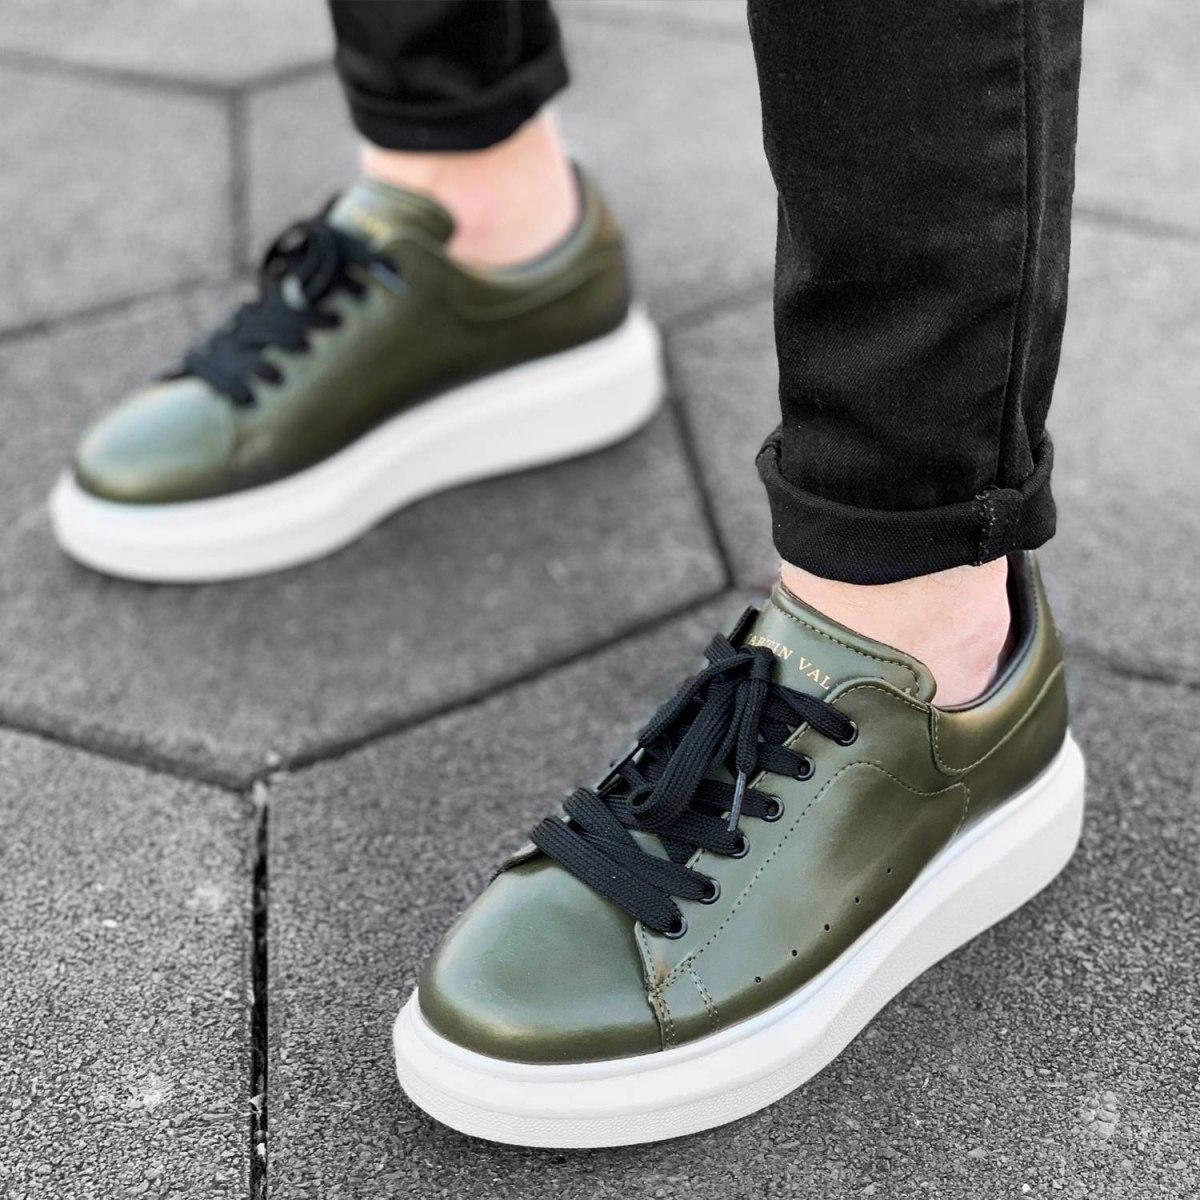 Hype Sole Sneakers in...